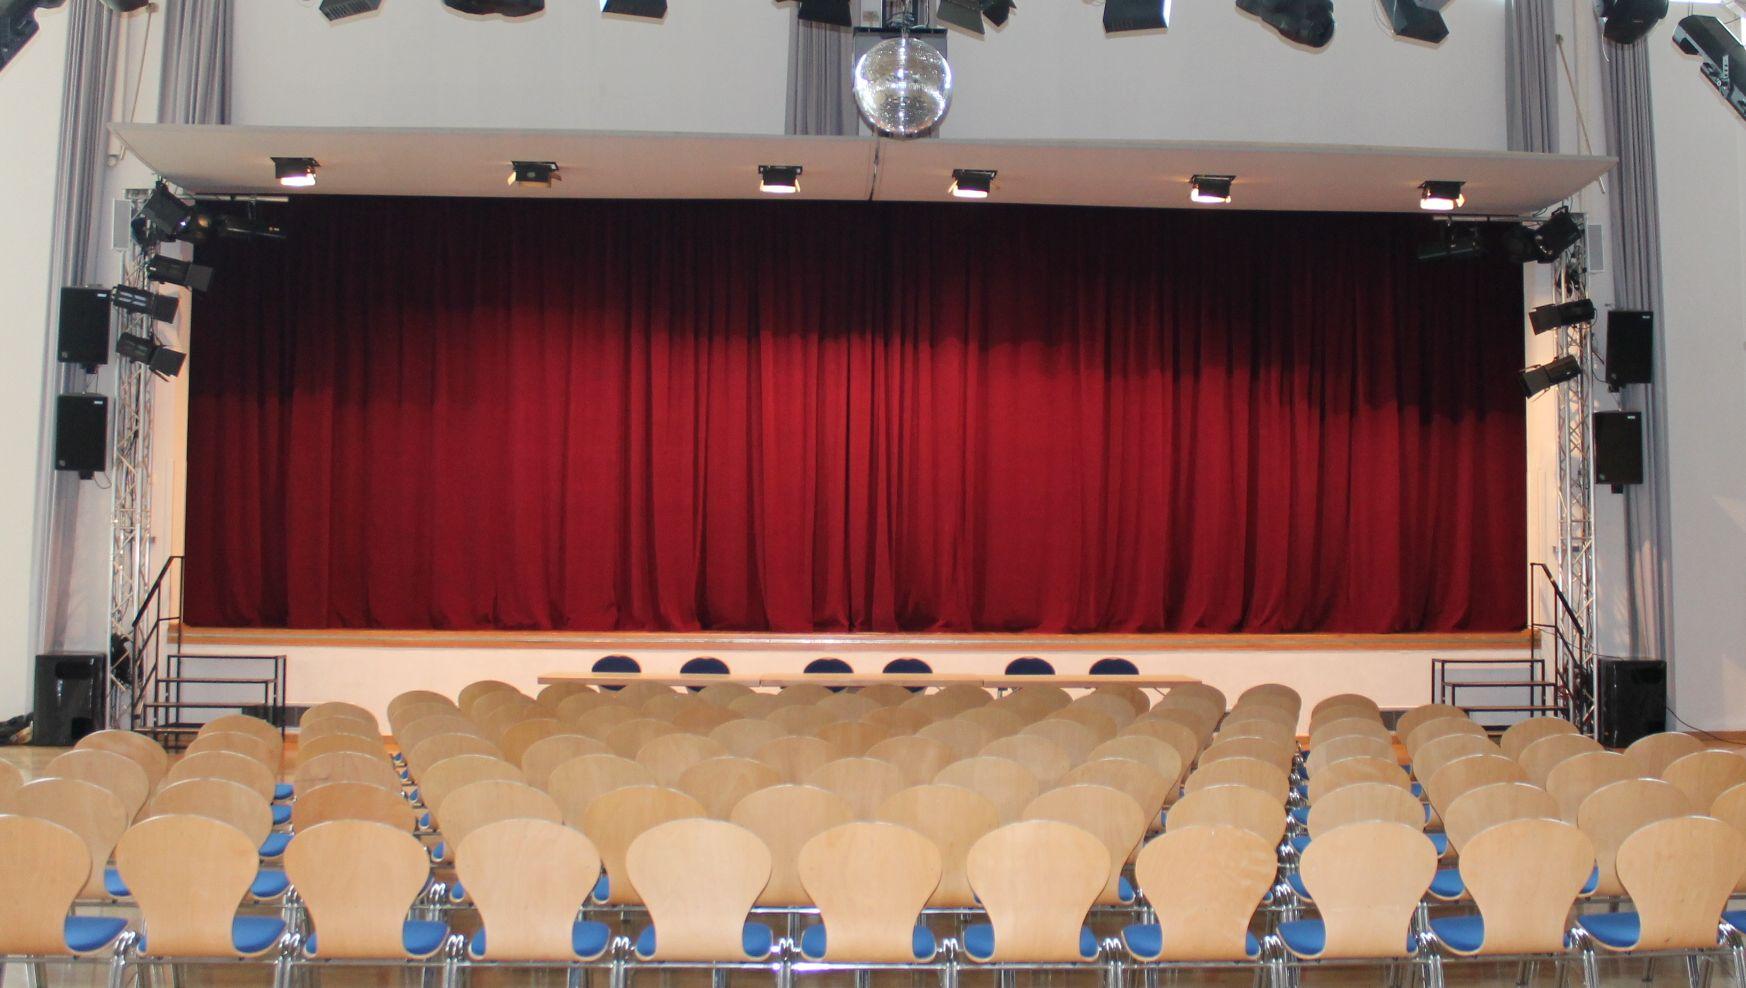 Vorhang Schallabsorbierend Dekoration : Theatervorhang theatergardinen theatervorhänge gardinen kinovorhänge